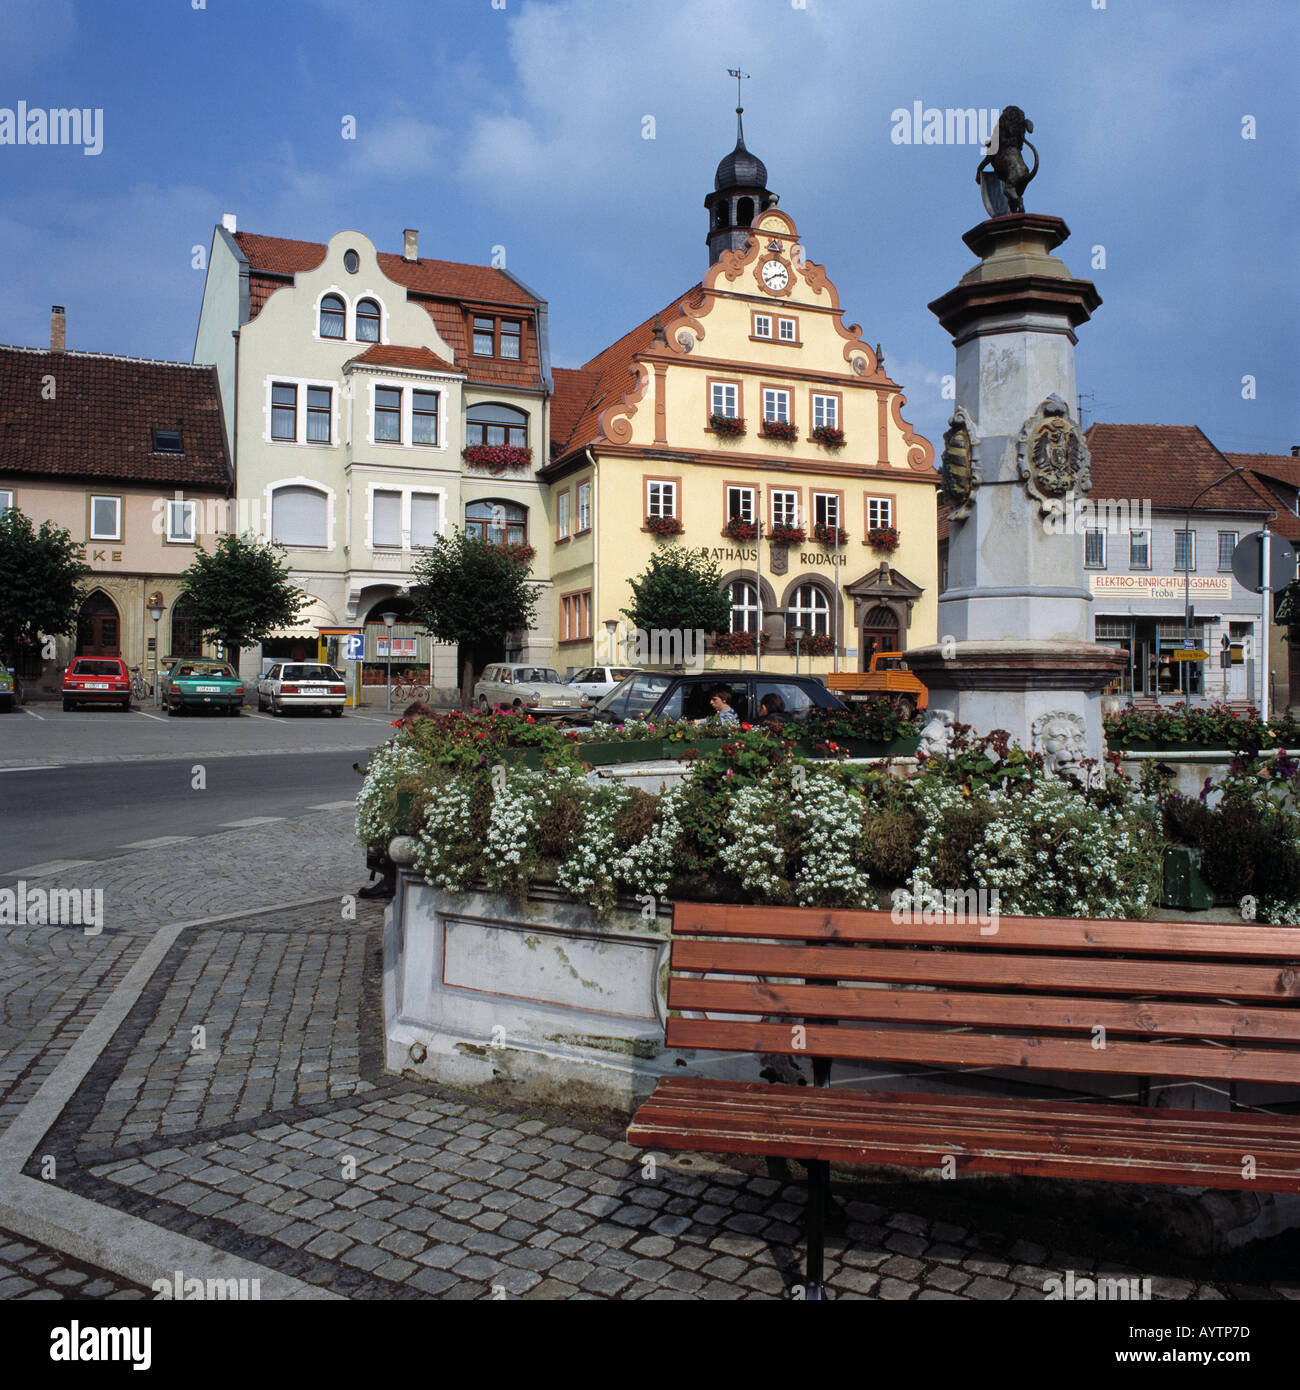 Marktplatz Mit Marktbrunnen Und Rathaus Rodach Coburger